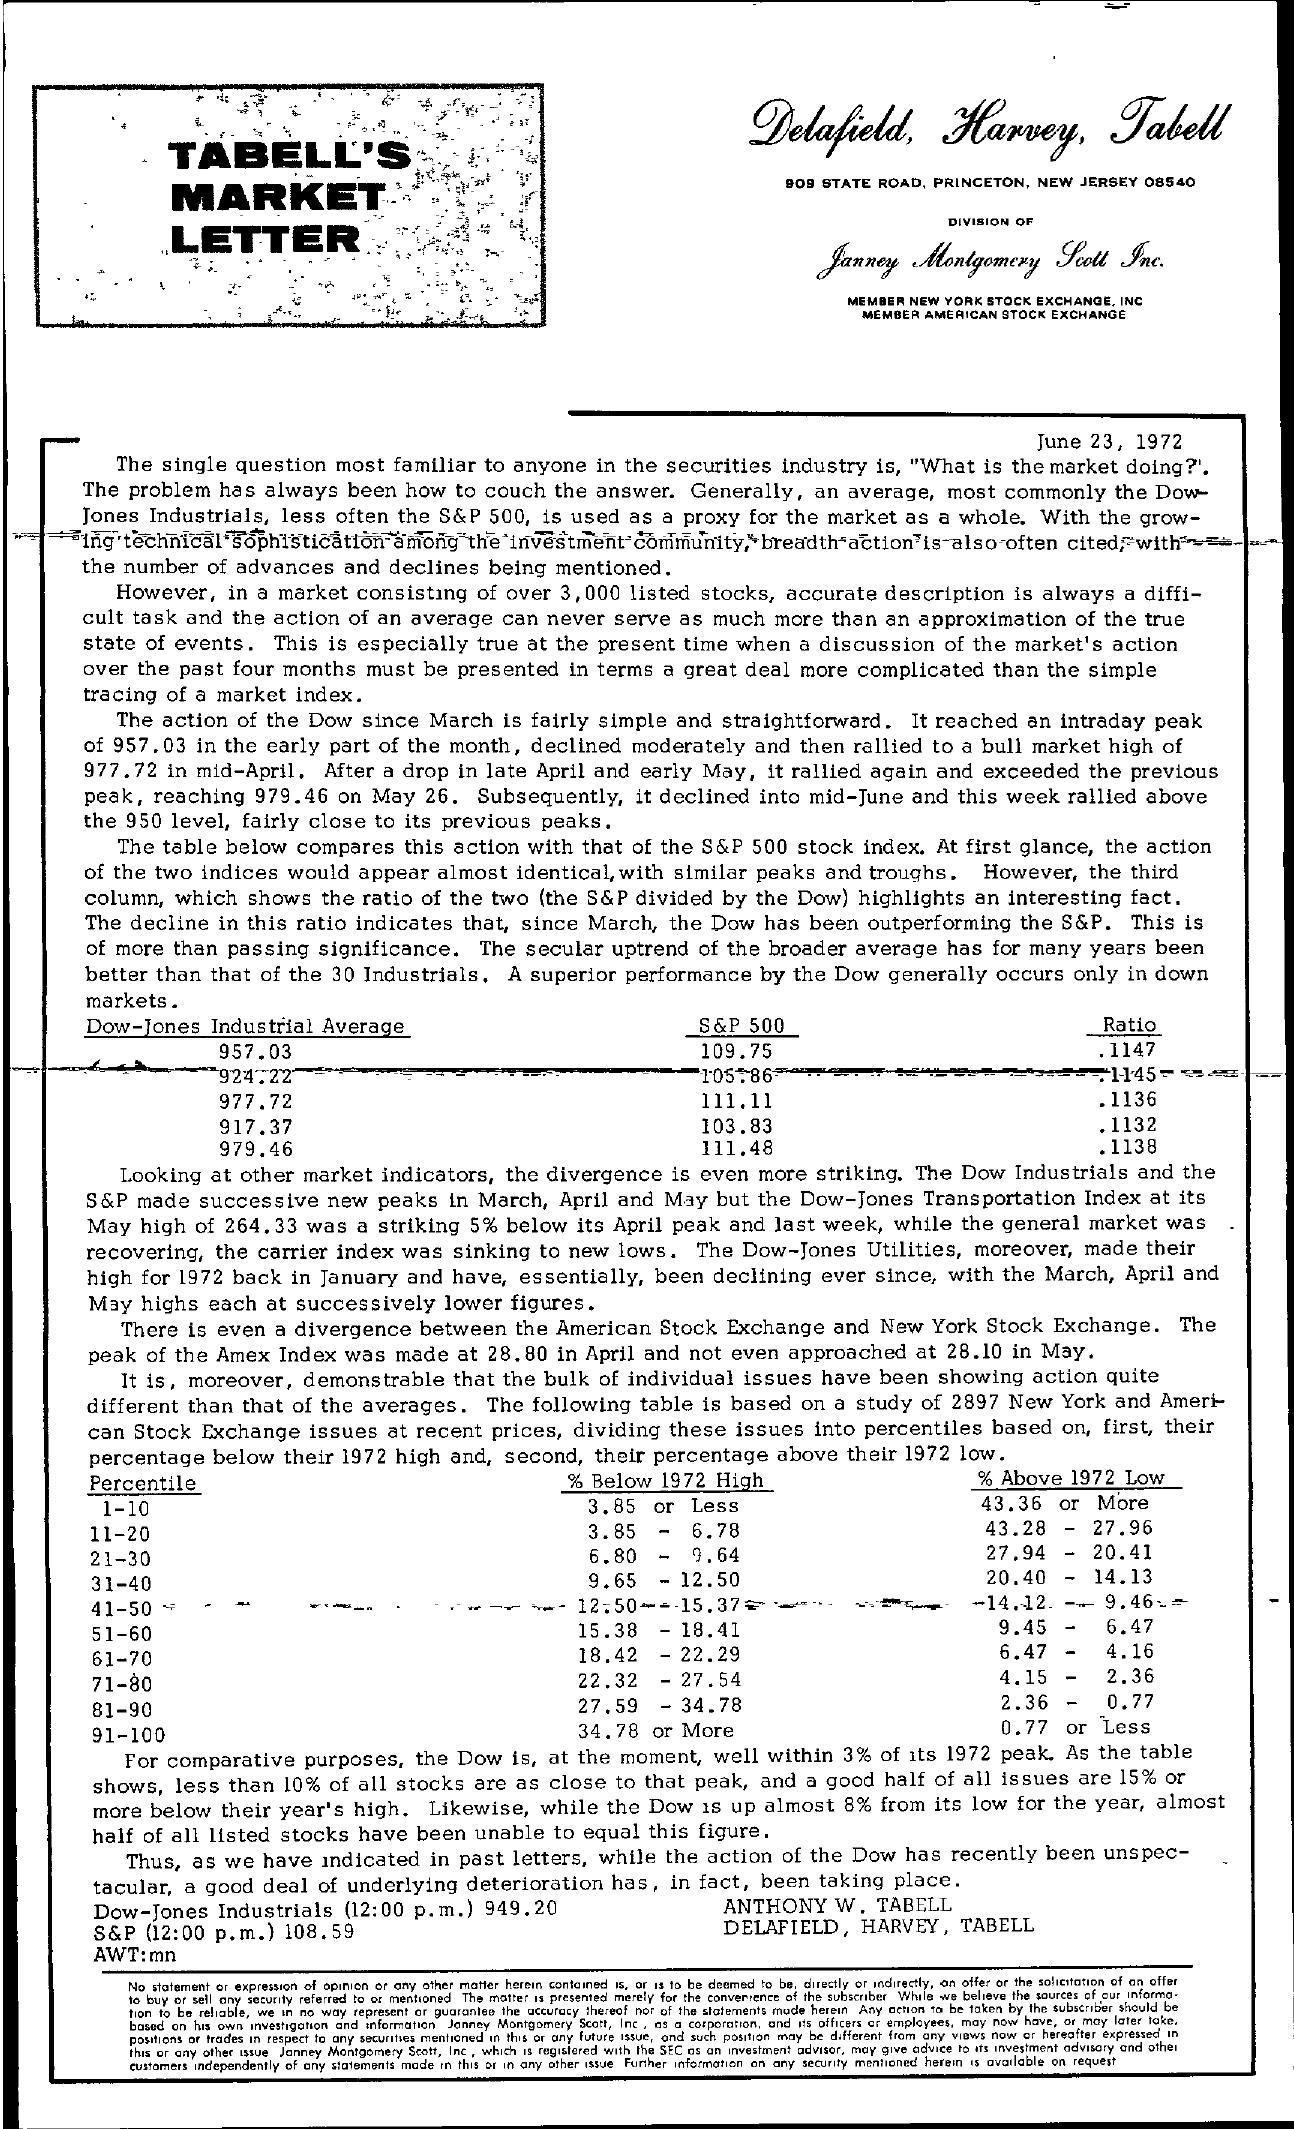 Tabell's Market Letter - June 23, 1972